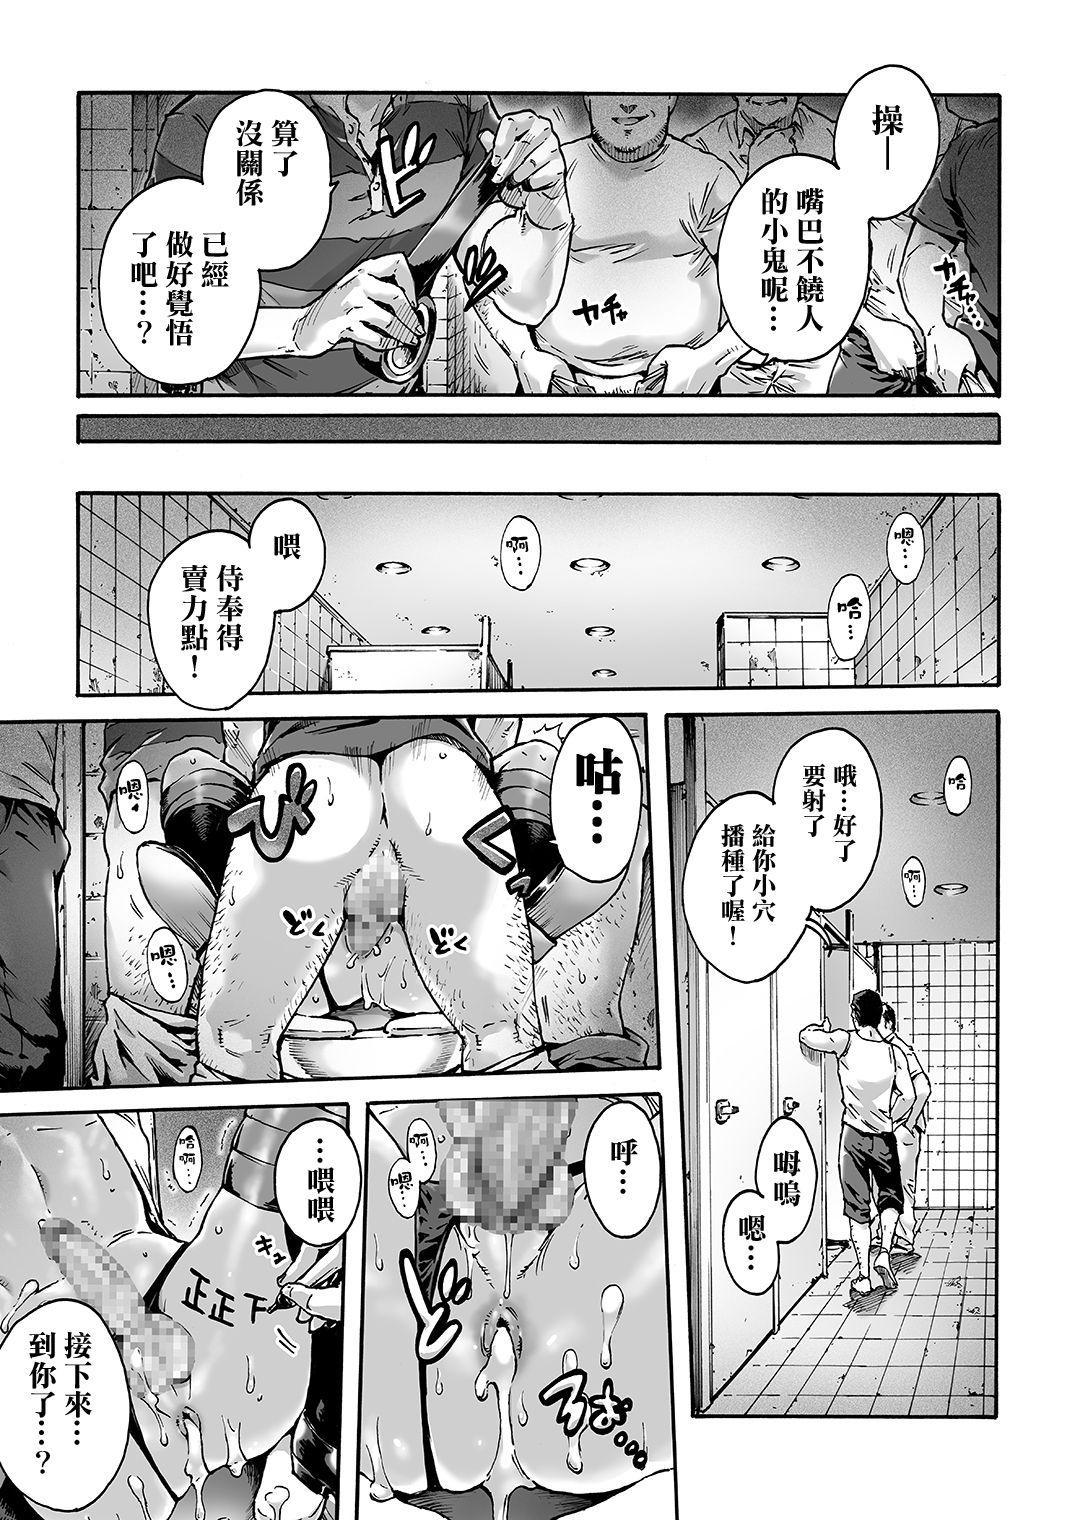 Onoko to. ACT 1 Kuro Gal Onoko 9